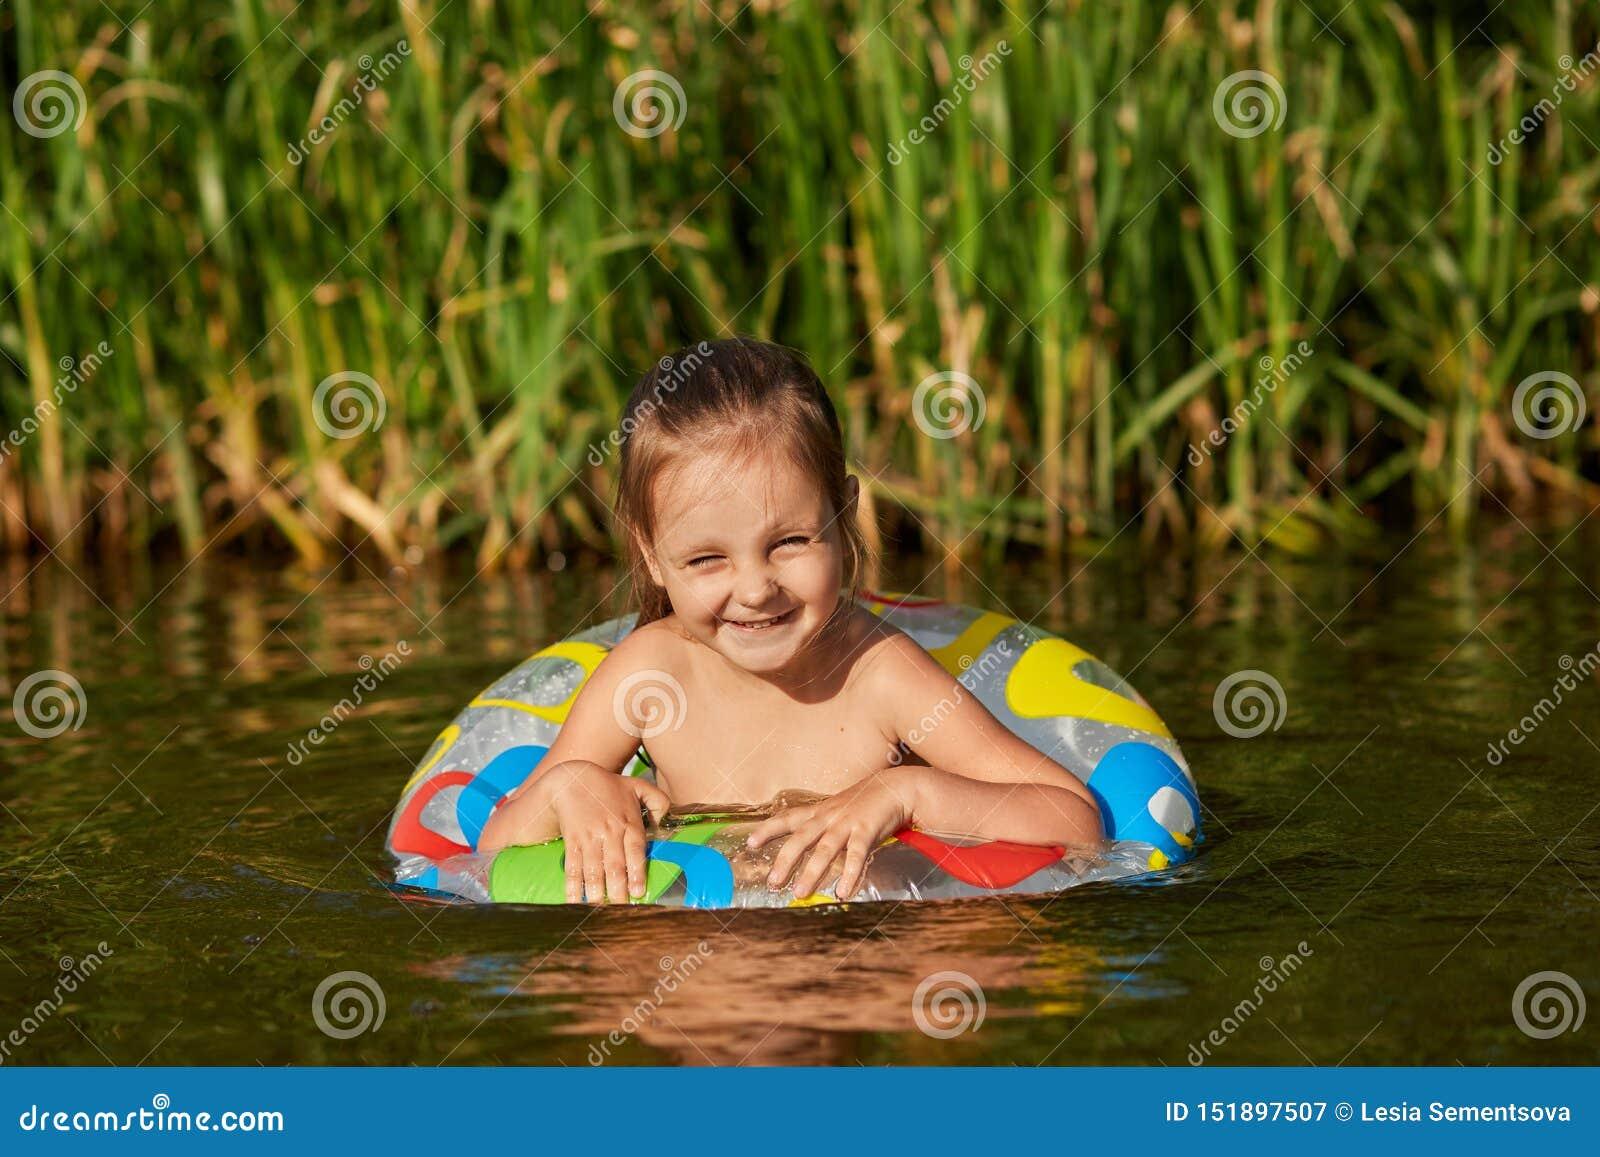 游泳在河的甜嬉戏的孩子画象用特别设备,去学会游泳,有宜人的脸面护理